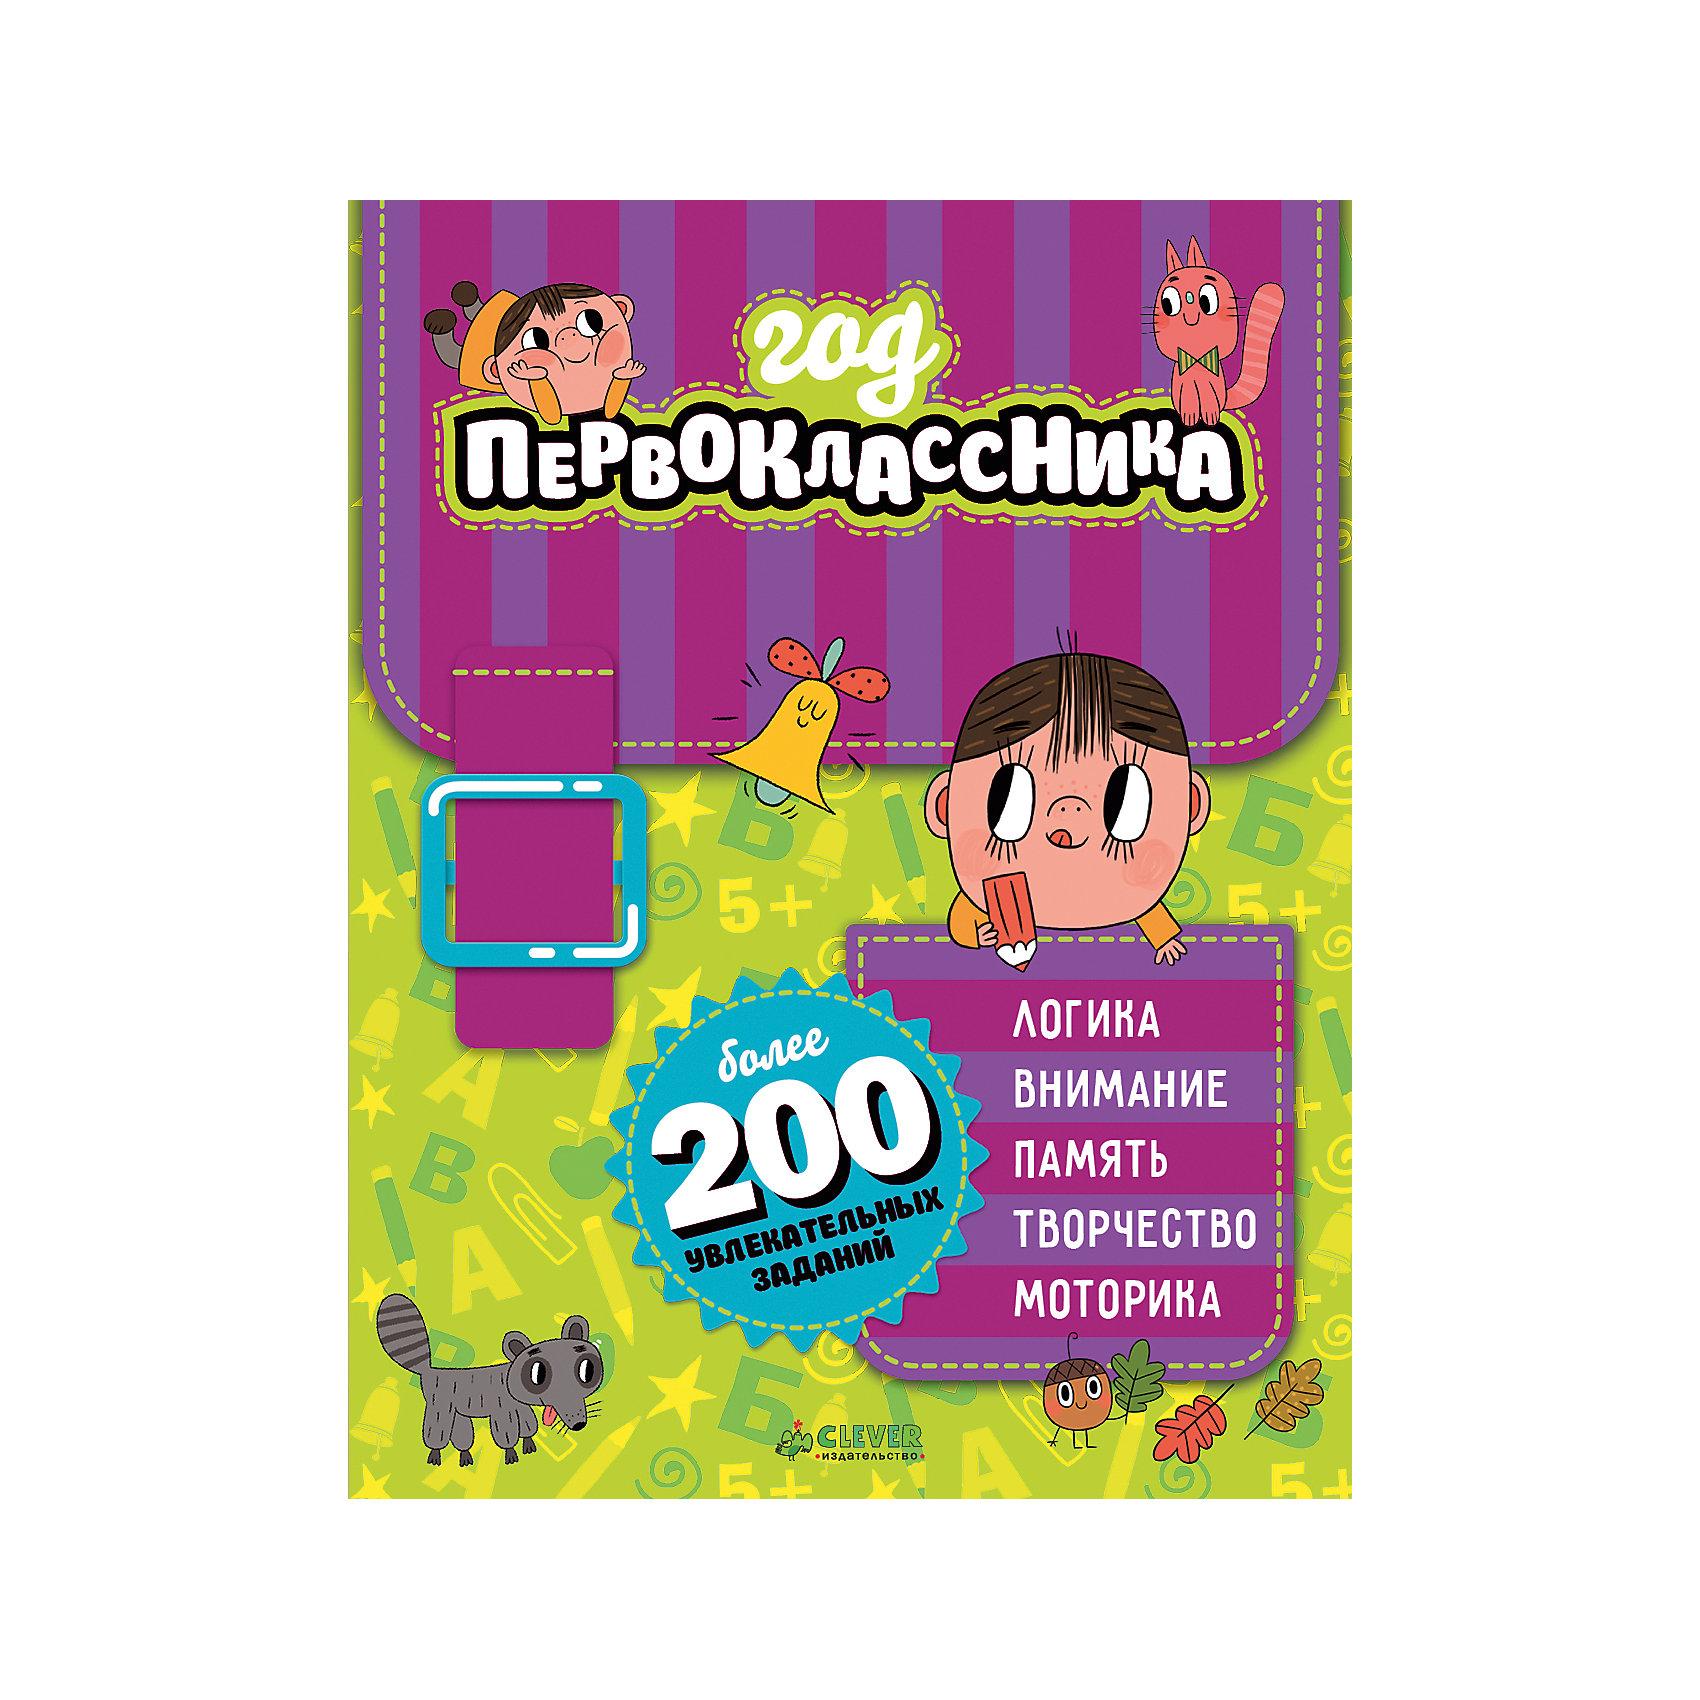 Год первоклассника, CleverCLEVER (КЛЕВЕР)<br>С этой увлекательной книжкой ваш школьник точно не заскучает! Разнообразные раскраски, лабиринты, бродилки, находилки, головоломки, пазлы и шифры - заданий хватит на целый год. Превратите обучение в интересную игру, от которой будет сложно оторваться. Занимайтесь с удовольствием, развивайте логическое мышление, фантазию, память, речь, внимание и словарный запас!<br><br>Ширина мм: 220<br>Глубина мм: 170<br>Высота мм: 100<br>Вес г: 299<br>Возраст от месяцев: 84<br>Возраст до месяцев: 132<br>Пол: Мужской<br>Возраст: Детский<br>SKU: 6751808